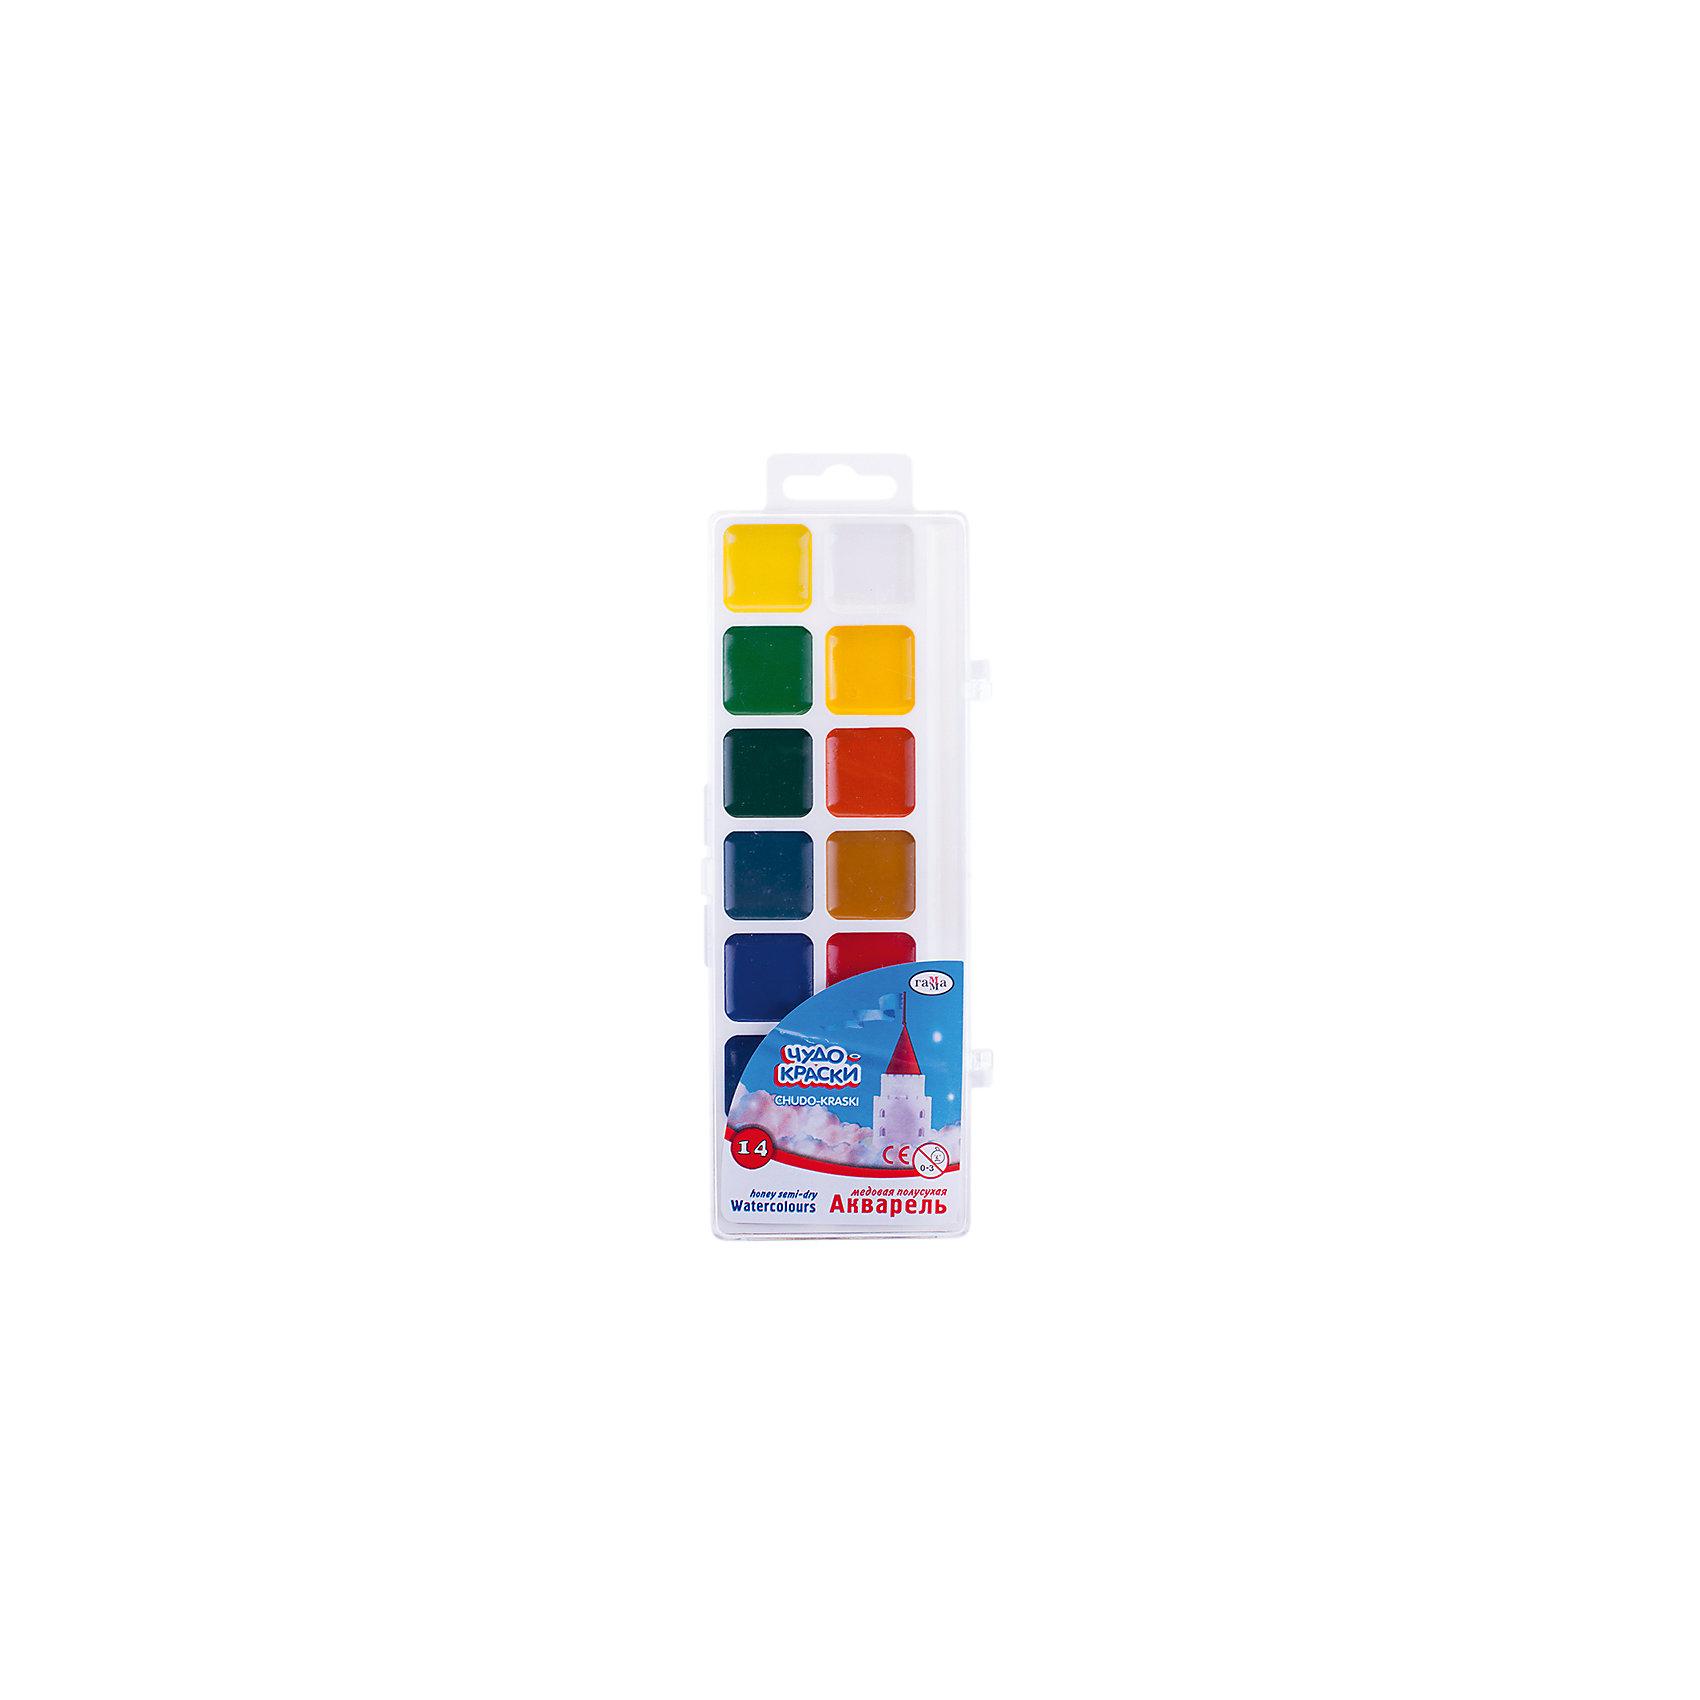 Акварель медовая ЧУДО-КРАСКИ 14 цветов ГаммаРисование и лепка<br>Характеристики:<br><br>• возраст: от 3 лет<br>• в наборе: краски акварельные медовые без кисточки<br>• количество цветов: 14<br>• объем краски одного цвета в кювете: 2,8 куб. см.<br>• упаковка: пластмассовая коробка с прозрачной крышкой<br>• размер упаковки: 21х7,7х1,3 см.<br>• вес: 94 гр.<br><br>Акварельные медовые краски «Чудо-краски» прекрасно подойдут для детского и художественного изобразительного творчества и будет способствовать развитию мелкой моторики, творческих способностей и сенсомоторной координации ребенка.<br><br>Краски созданы на водной основе, имеют яркие насыщенные цвета. Легко смываются с рук и одежды, безвредны.<br><br>Акварель медовую ЧУДО-КРАСКИ 14 цветов Гамма можно купить в нашем интернет-магазине.<br><br>Ширина мм: 210<br>Глубина мм: 80<br>Высота мм: 12<br>Вес г: 100<br>Возраст от месяцев: 36<br>Возраст до месяцев: 2147483647<br>Пол: Унисекс<br>Возраст: Детский<br>SKU: 7010474